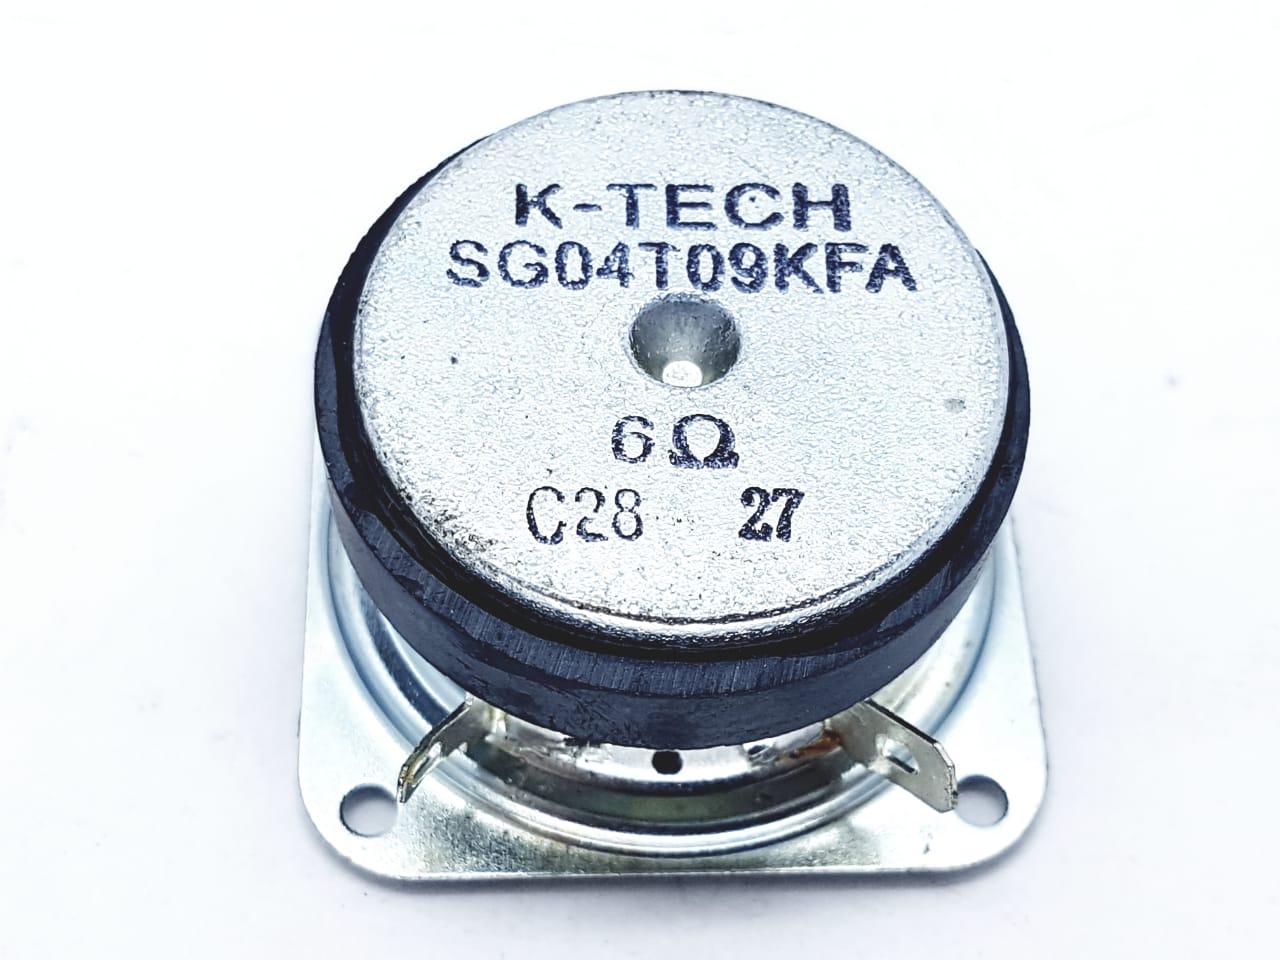 2 peças alto falante tweeter k-tech quadrado 4,5 cm preto  6 Ohms SG04T09KFA